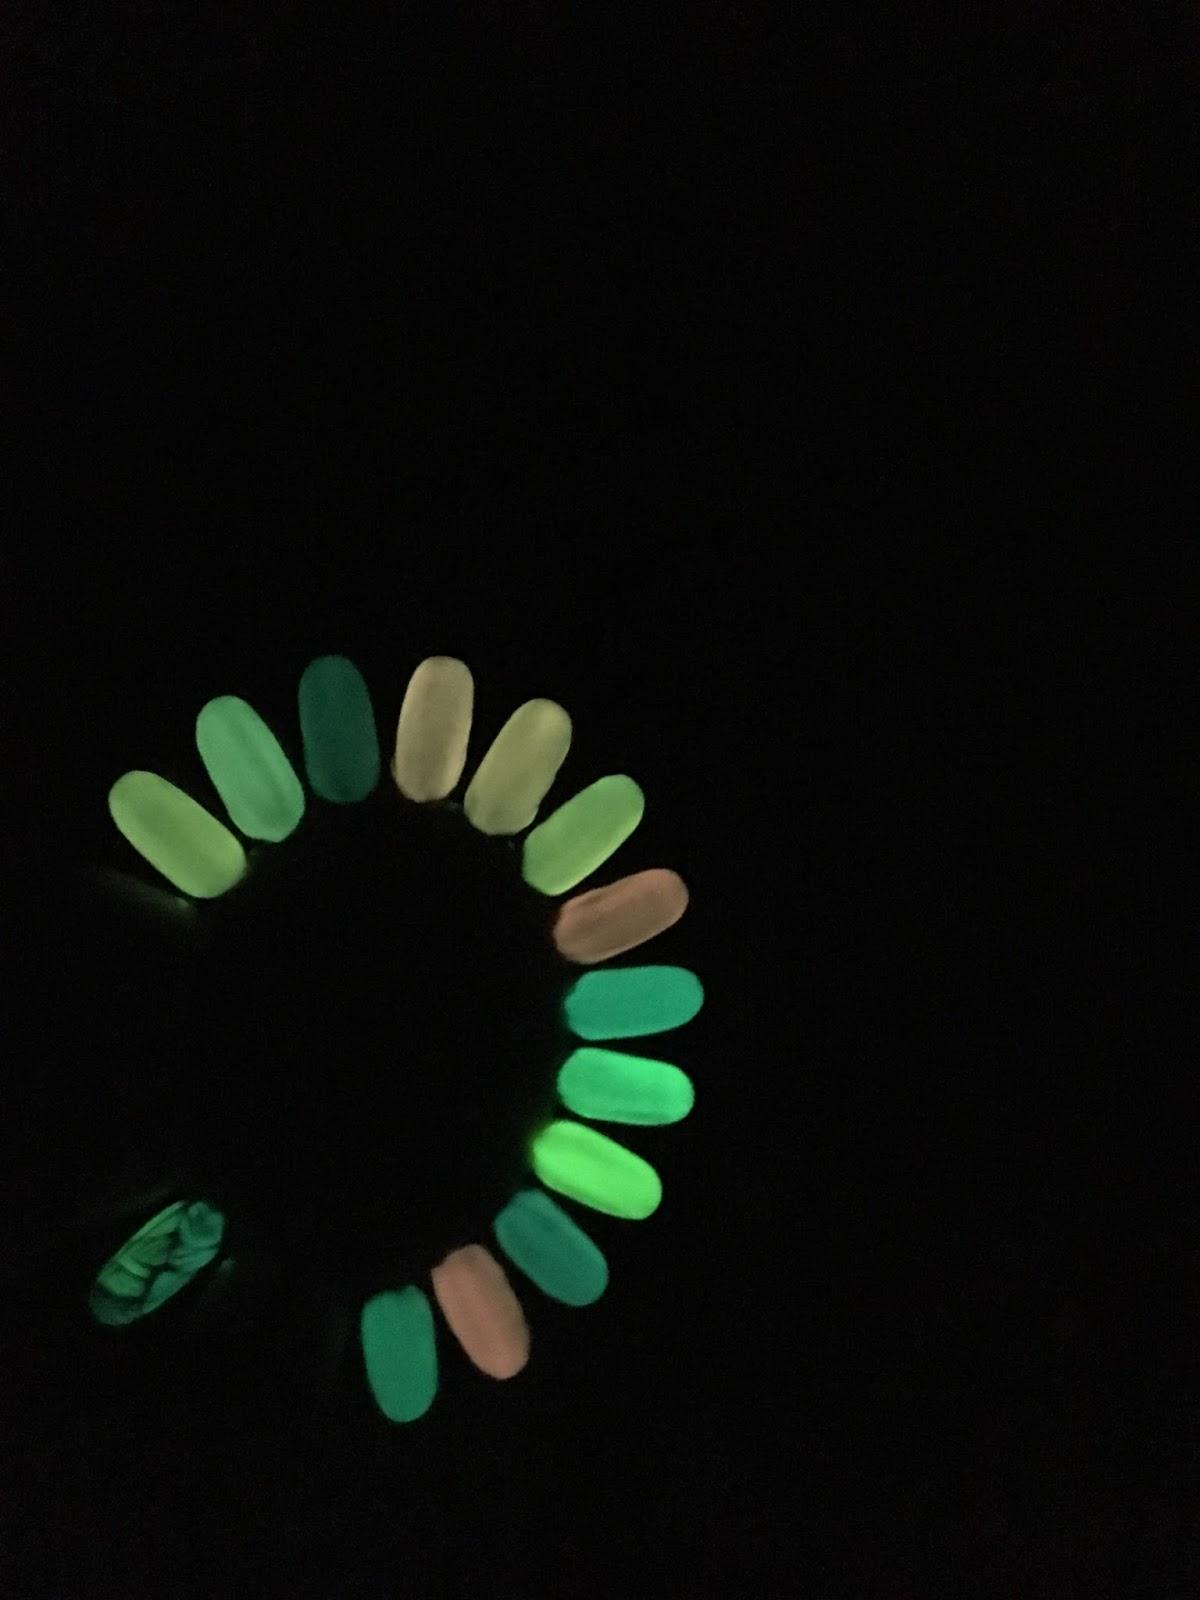 lakier hybrydowy świecący w ciemności